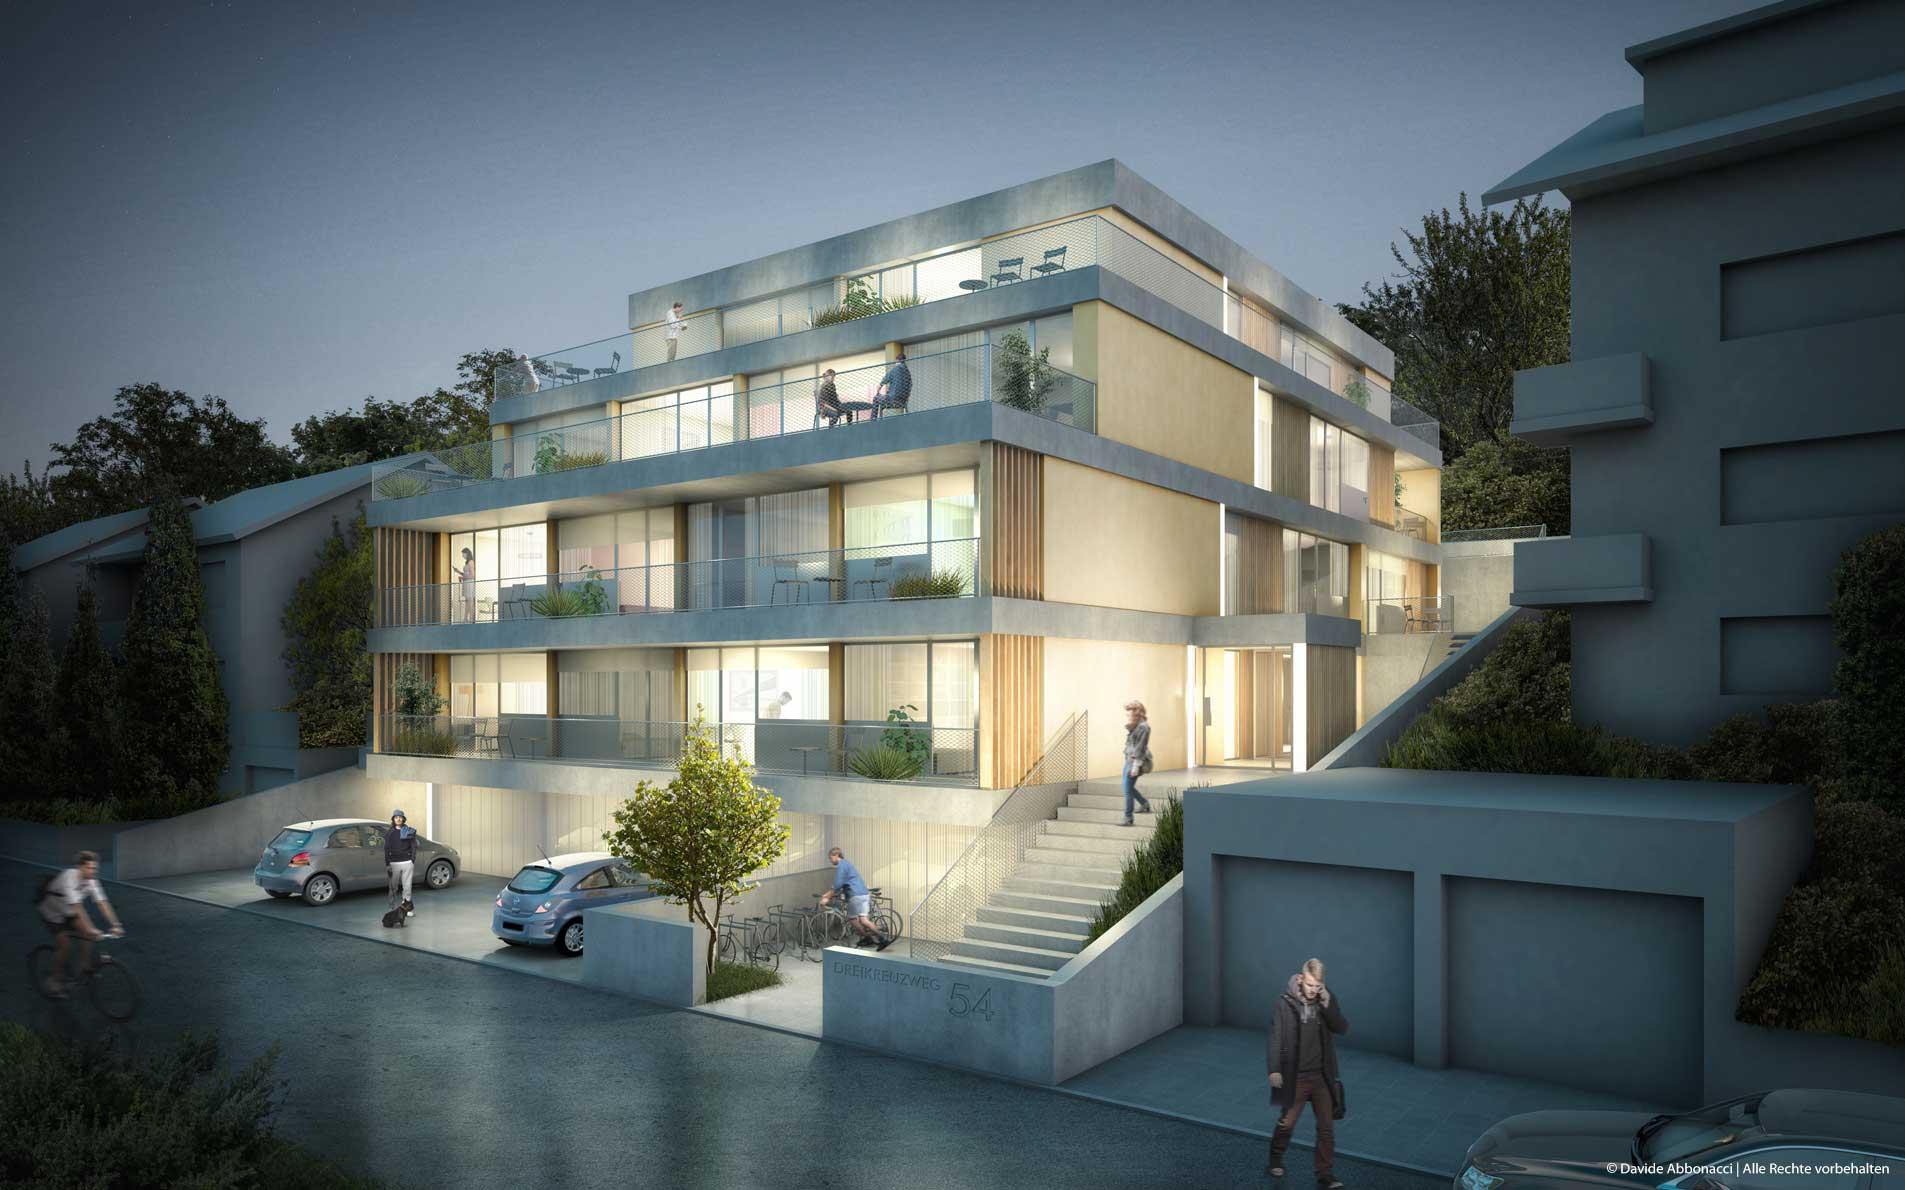 SRH Wohnheim Neckargemünd | Motorlab Architekten | 2015 Visualisierung Projektpräsentation